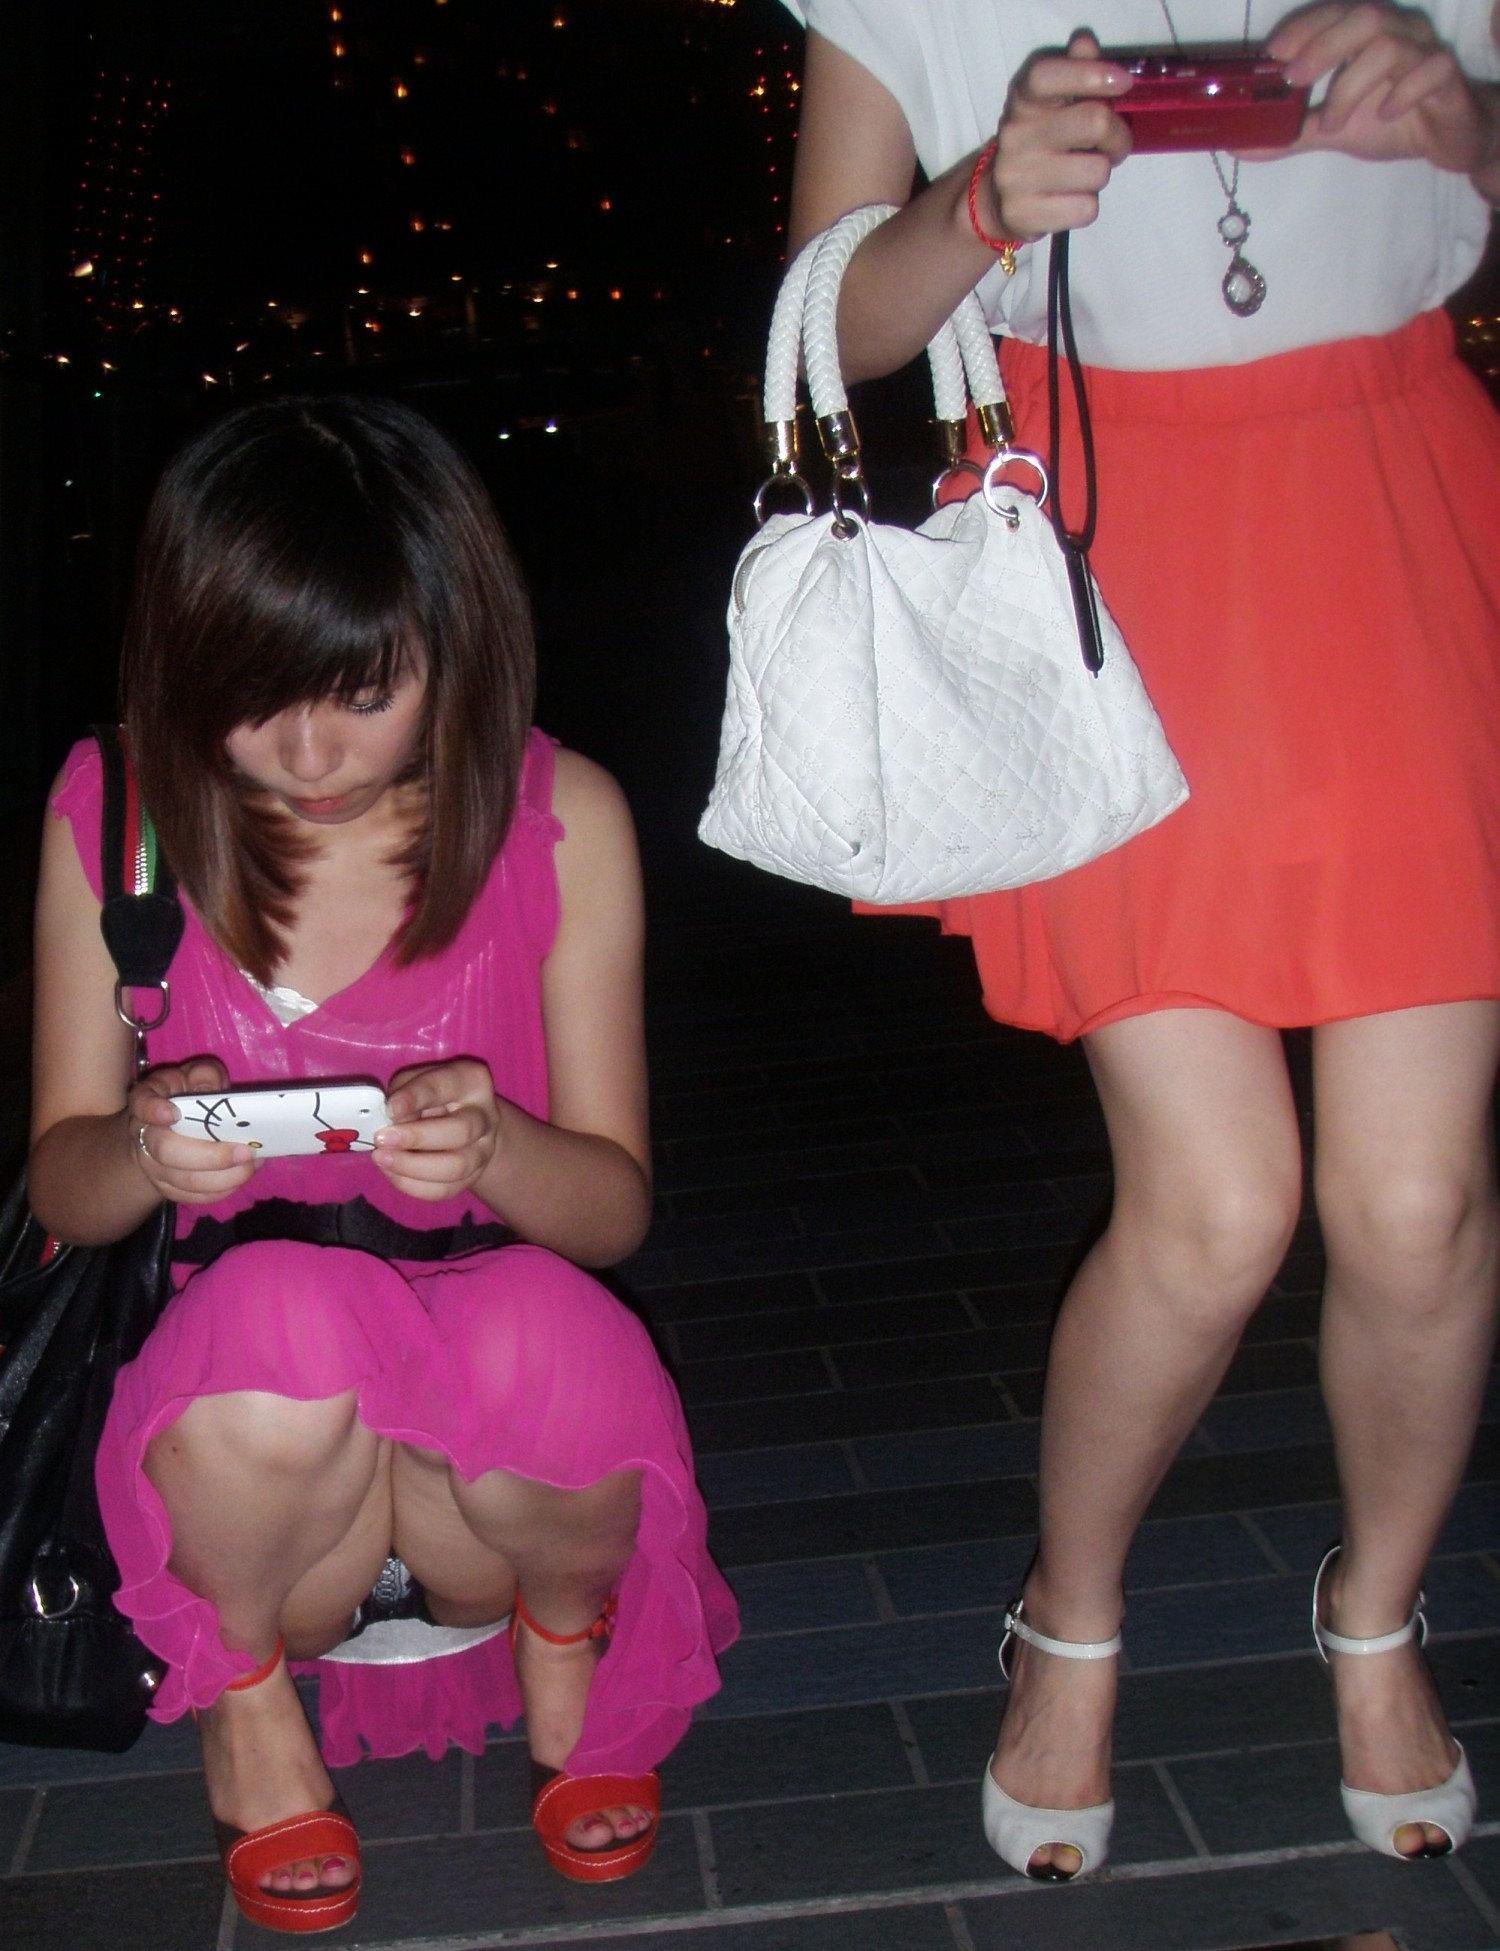 Девушка в розовом платье засветила трусики с прокладкой